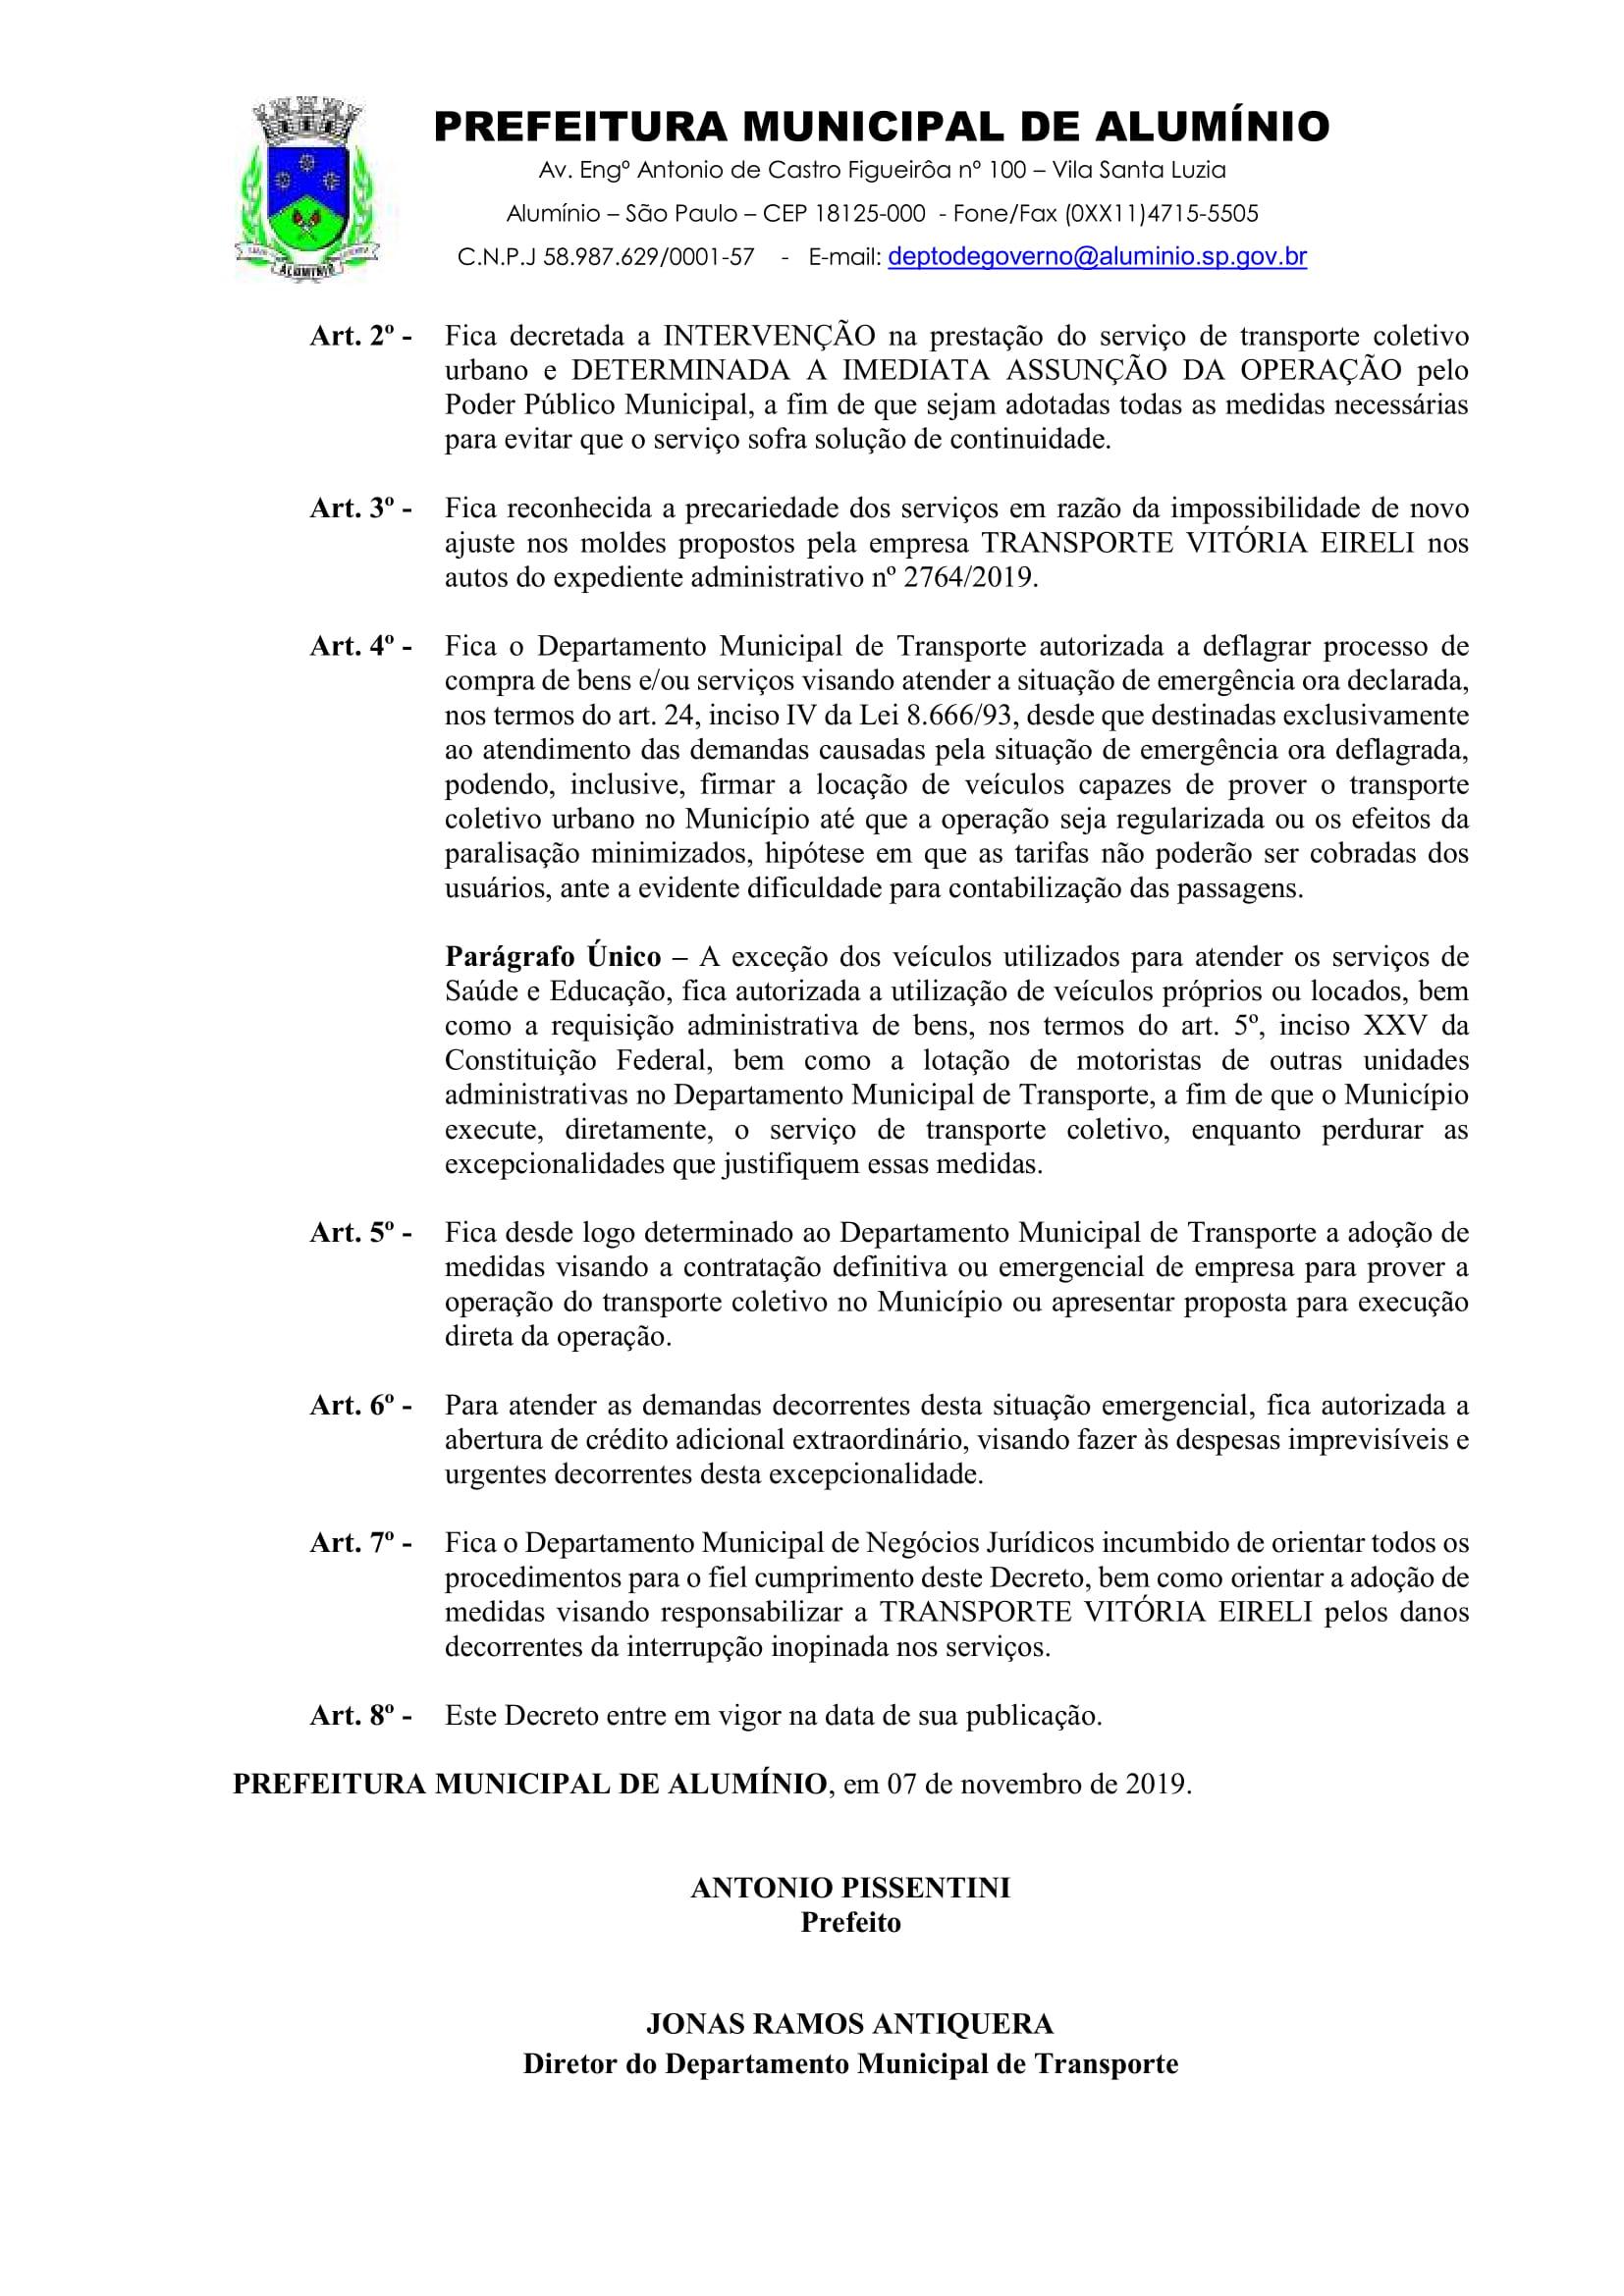 Decreto-2025-2019-Declara-situação-de-emergência-2